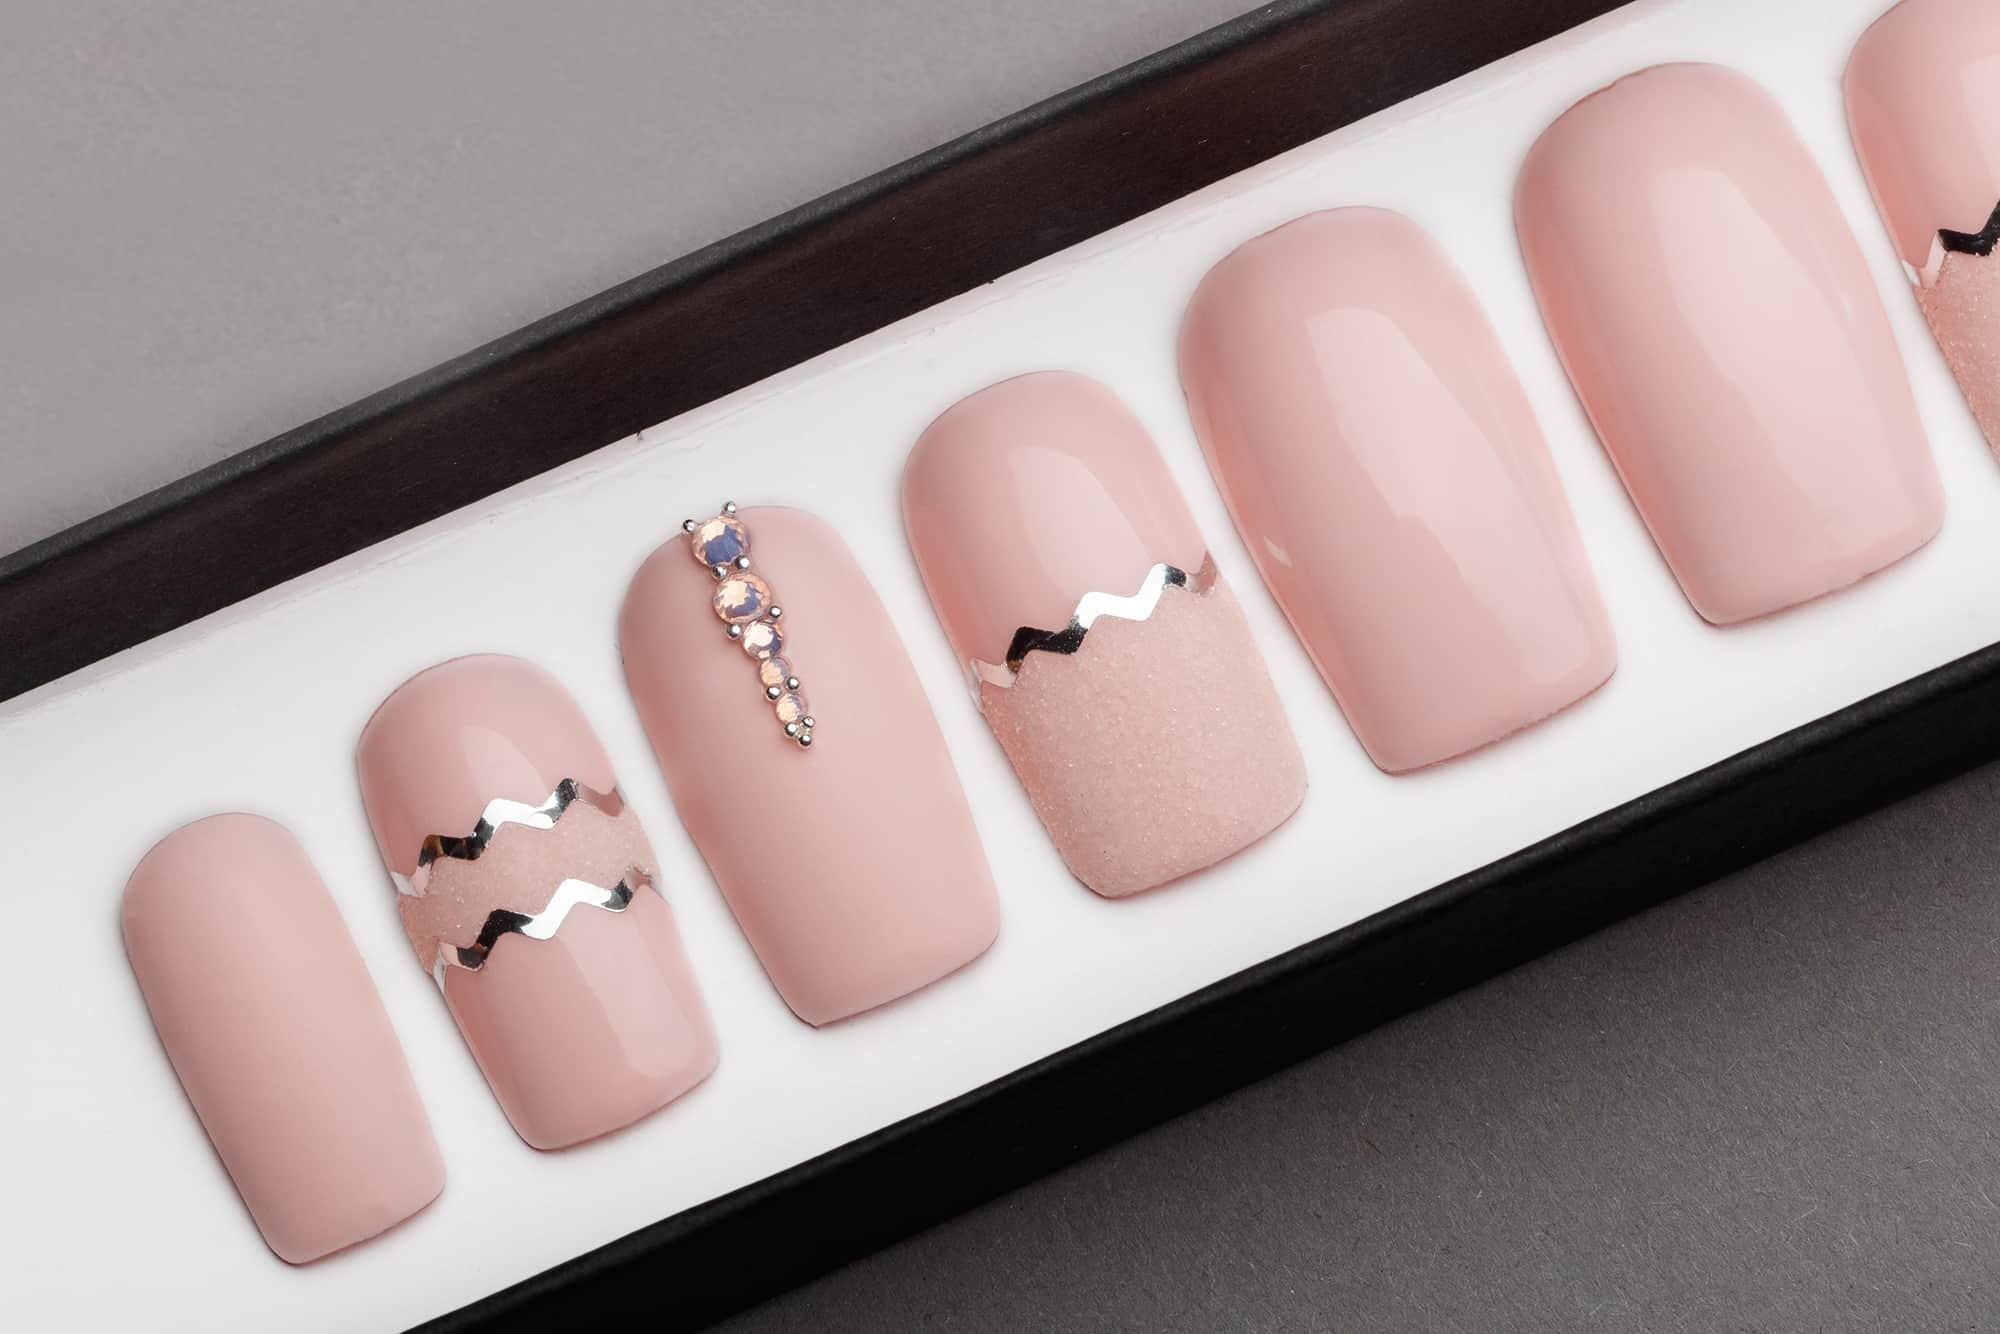 Pink Quartz Matte Press on Nails with Swarovski Crystals   Hand painted Nail Art   Fake Nails   False Nails